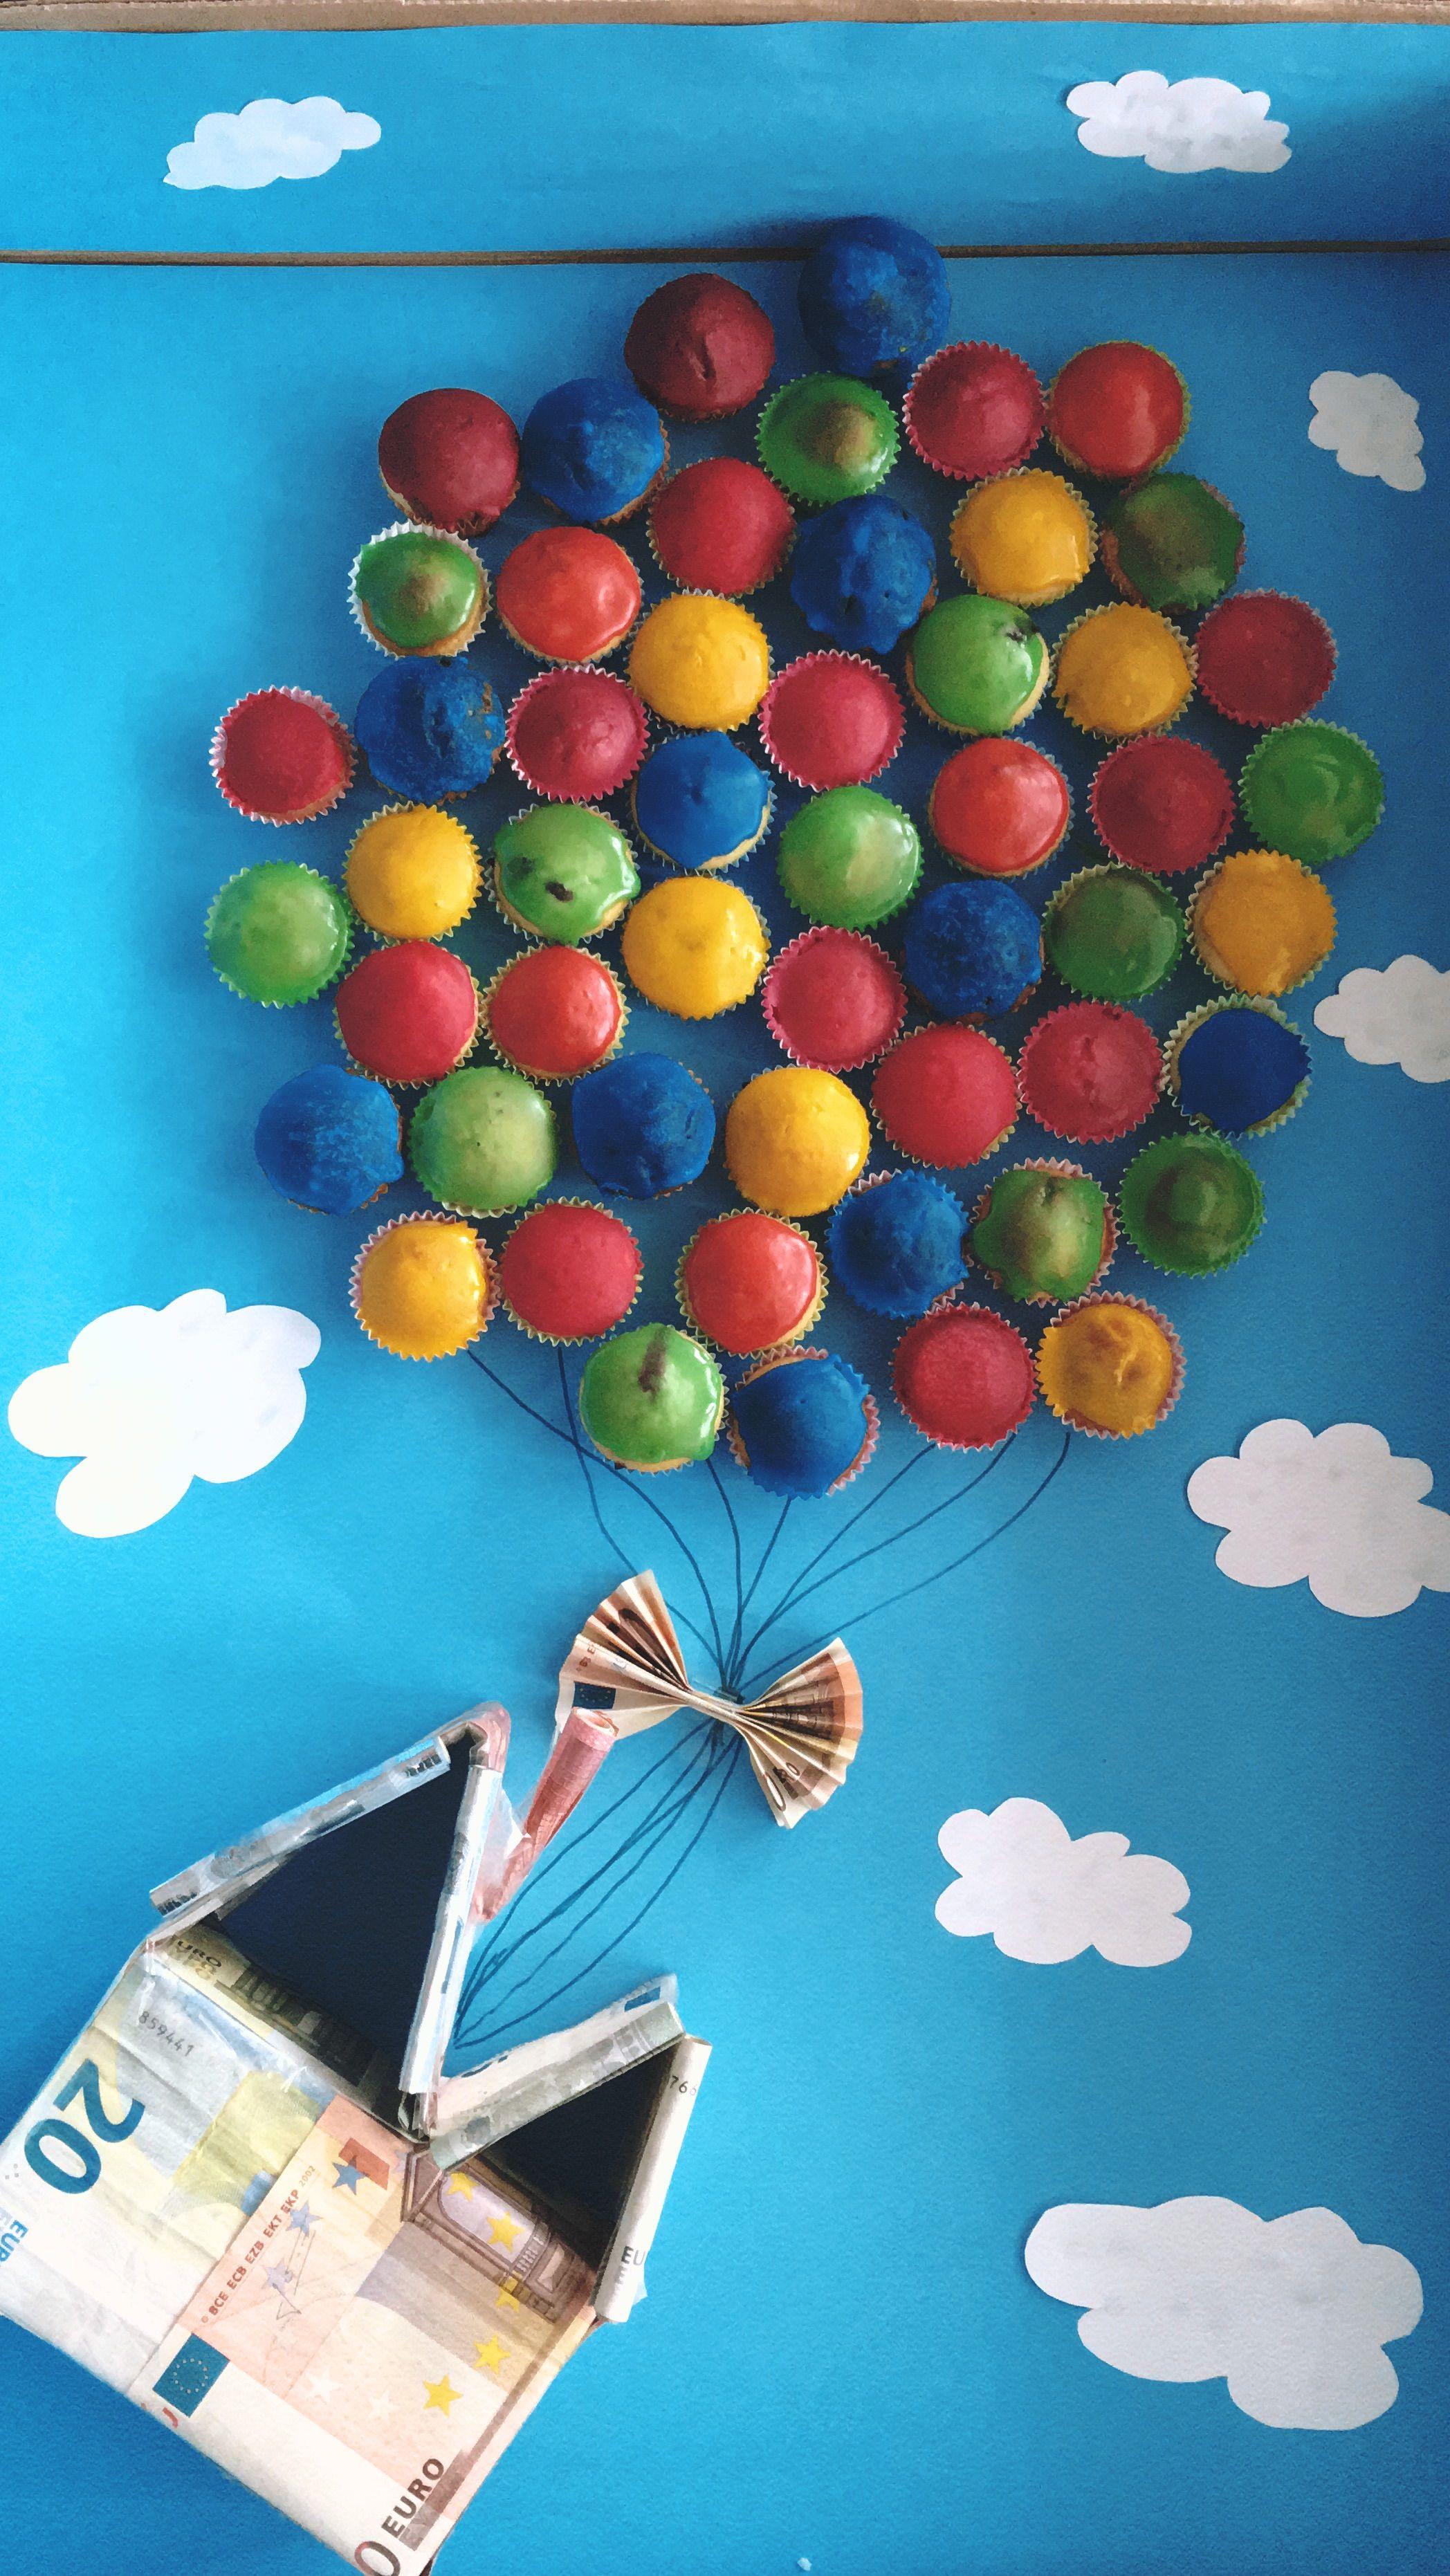 Geldgeschenk Disney Oben Geldgeschenk Disney Himmel Muffins Basteln Selfmade Oben H Geldgeschenke Hochzeit Basteln Diy Hochzeitsgeschenk Geldgeschenke